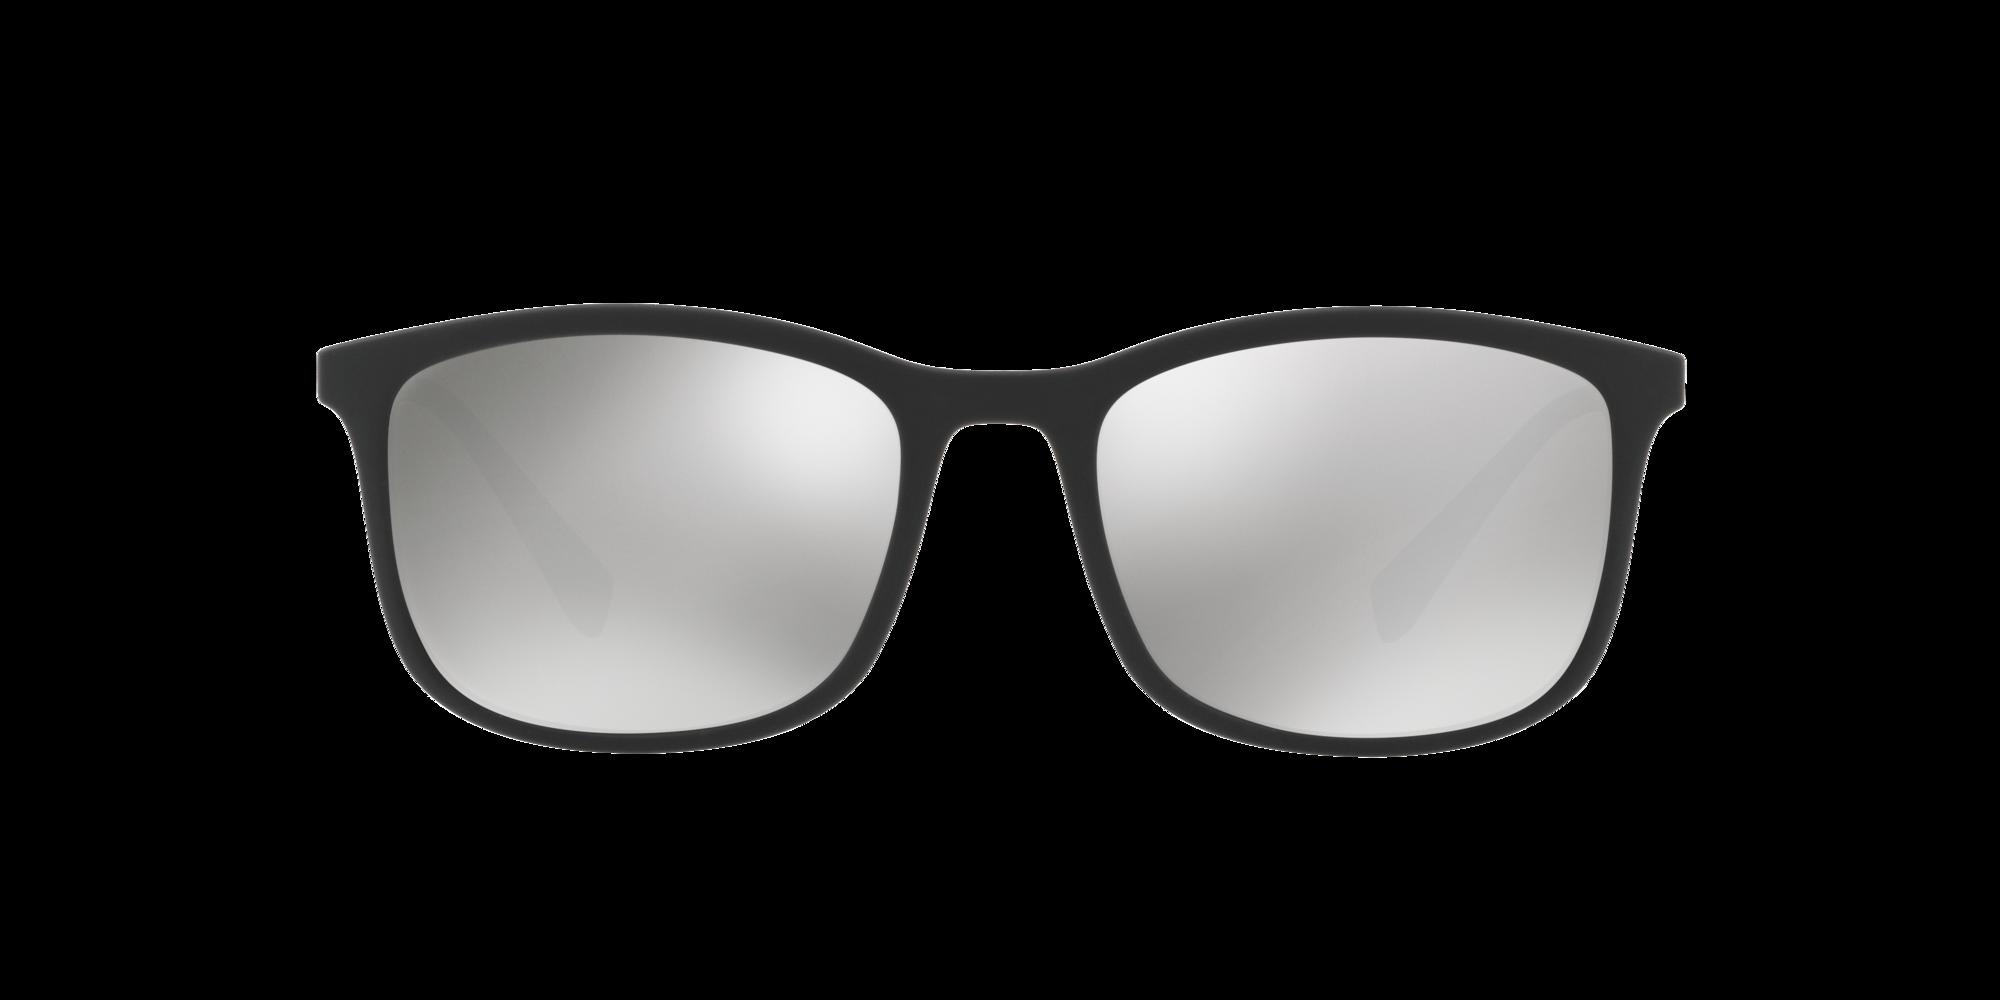 Imagen para PS 01TS 56 LIFESTYLE de LensCrafters |  Espejuelos, espejuelos graduados en línea, gafas